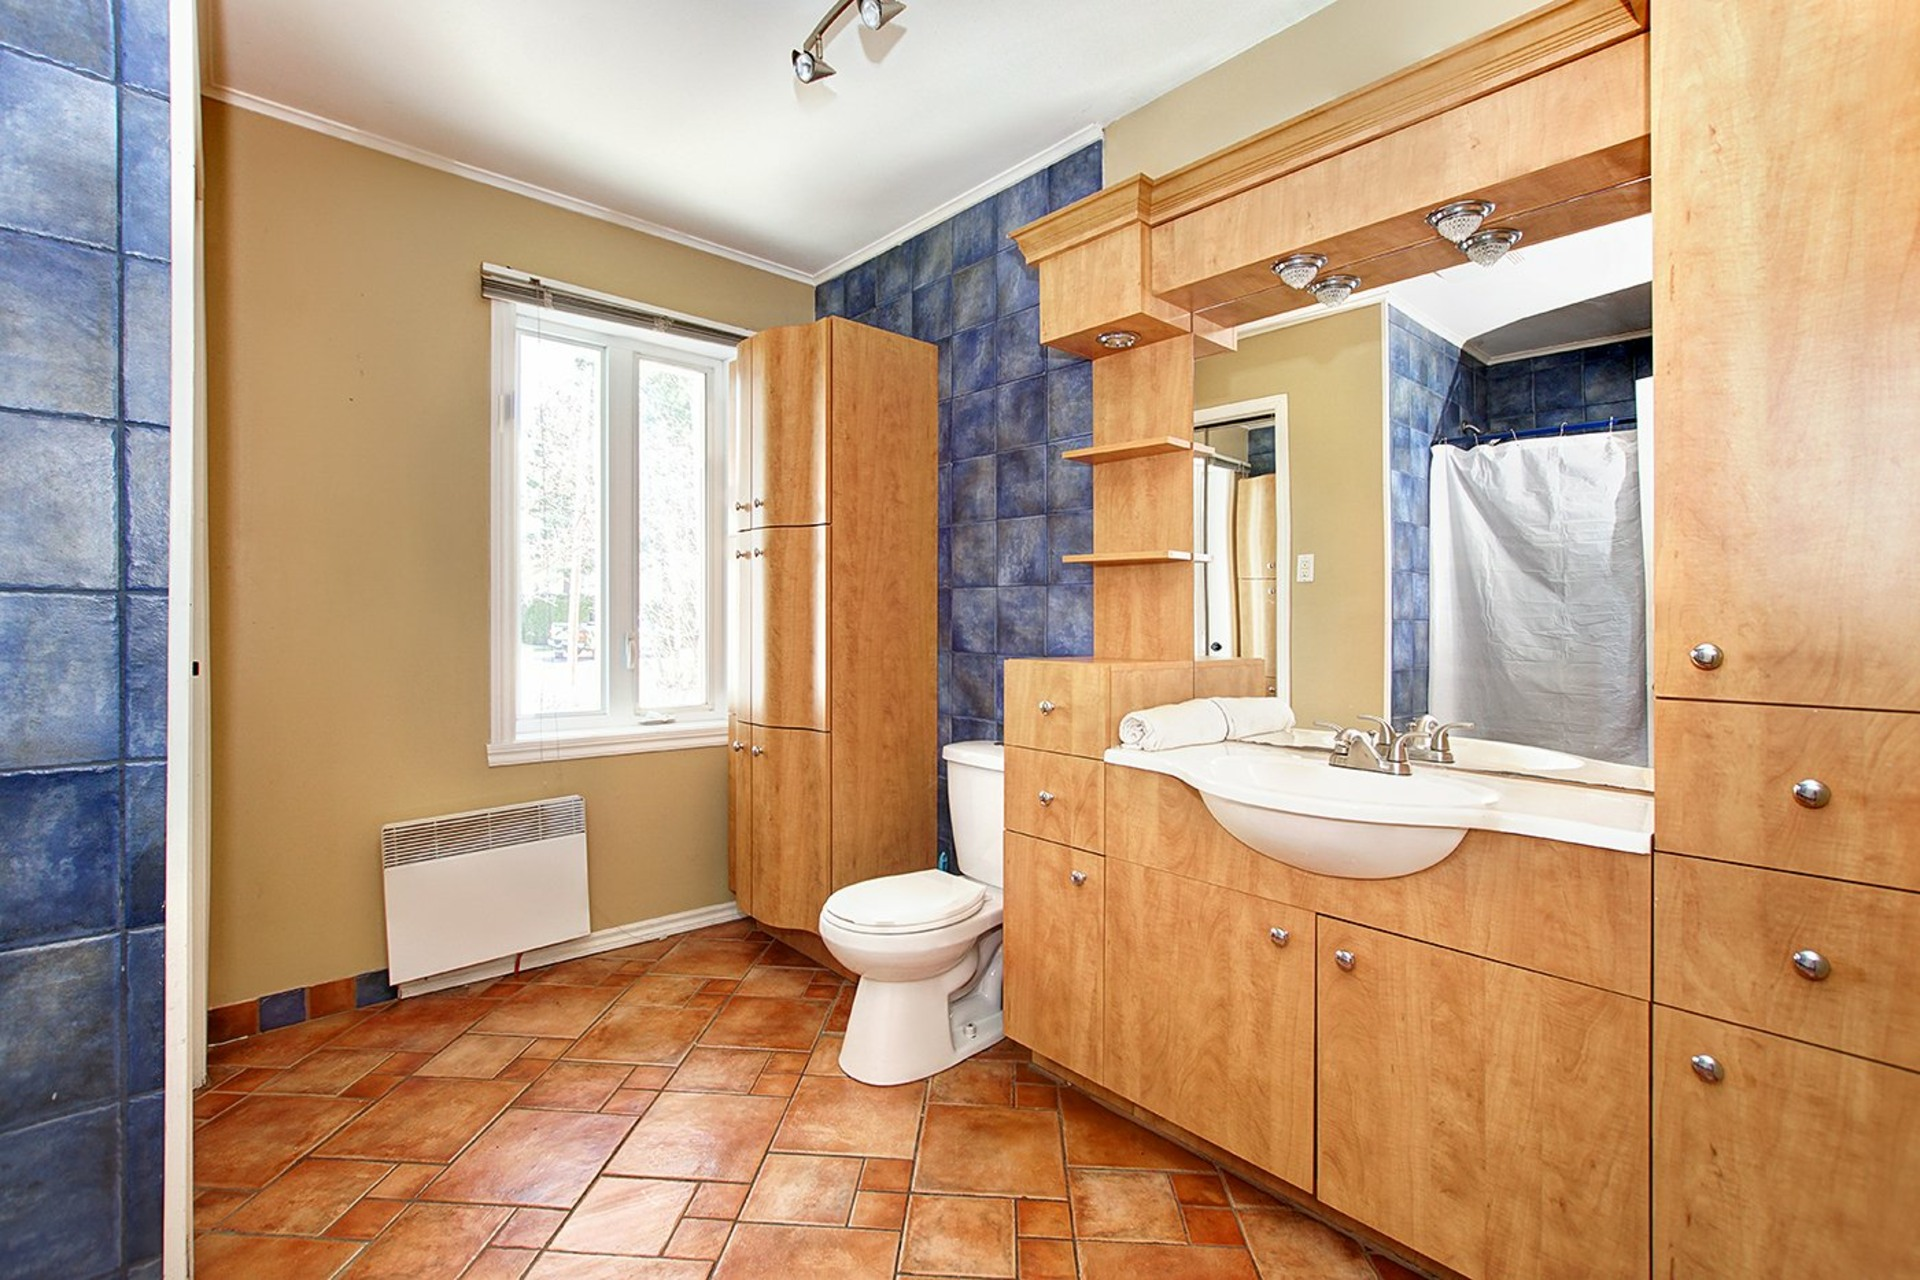 image 11 - Maison À vendre Saint-Ambroise-de-Kildare - 8 pièces